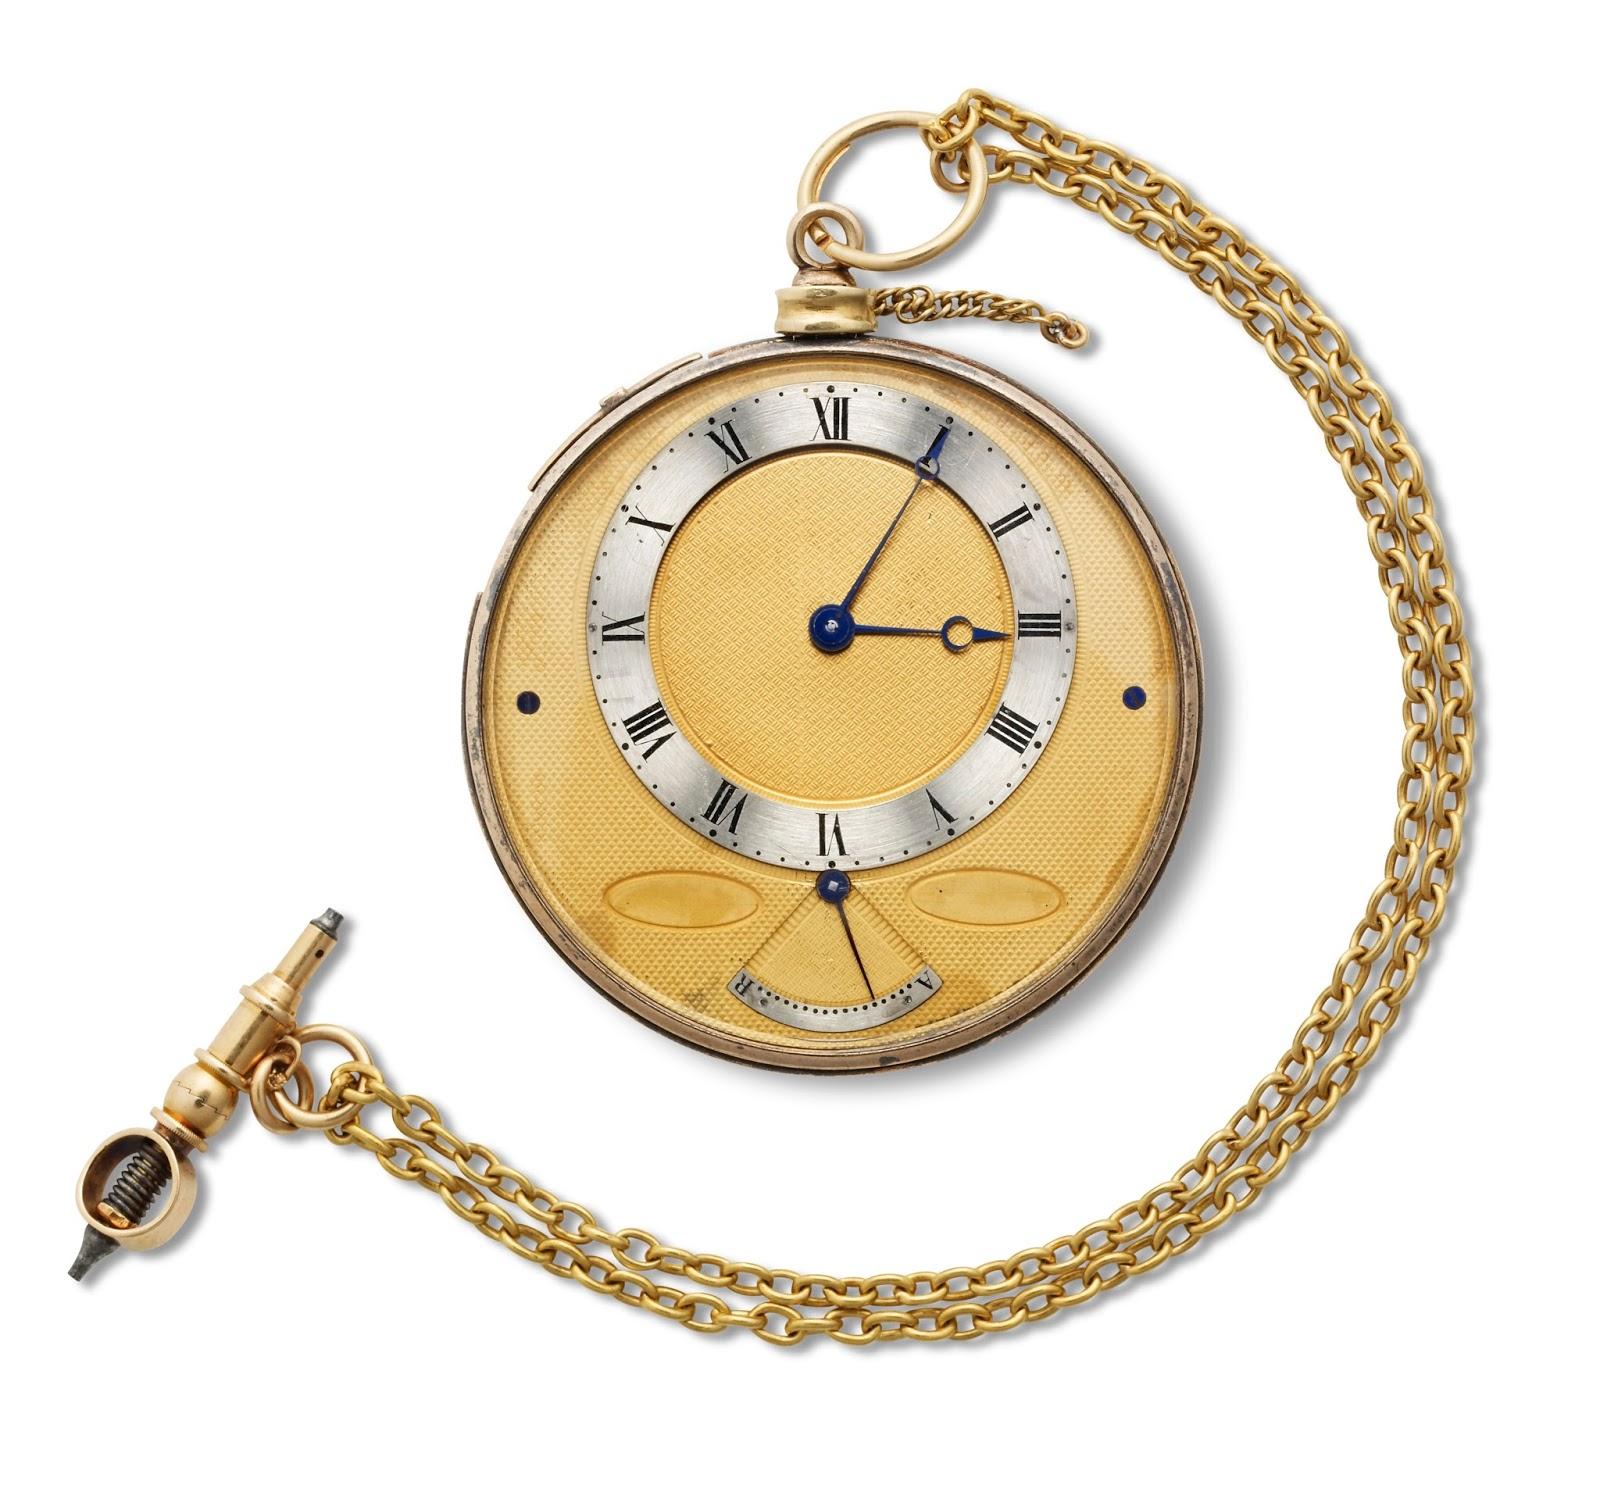 594cb78b316 Estação Cronográfica  Relógios Breguet patrocinam restauro da quinta ...